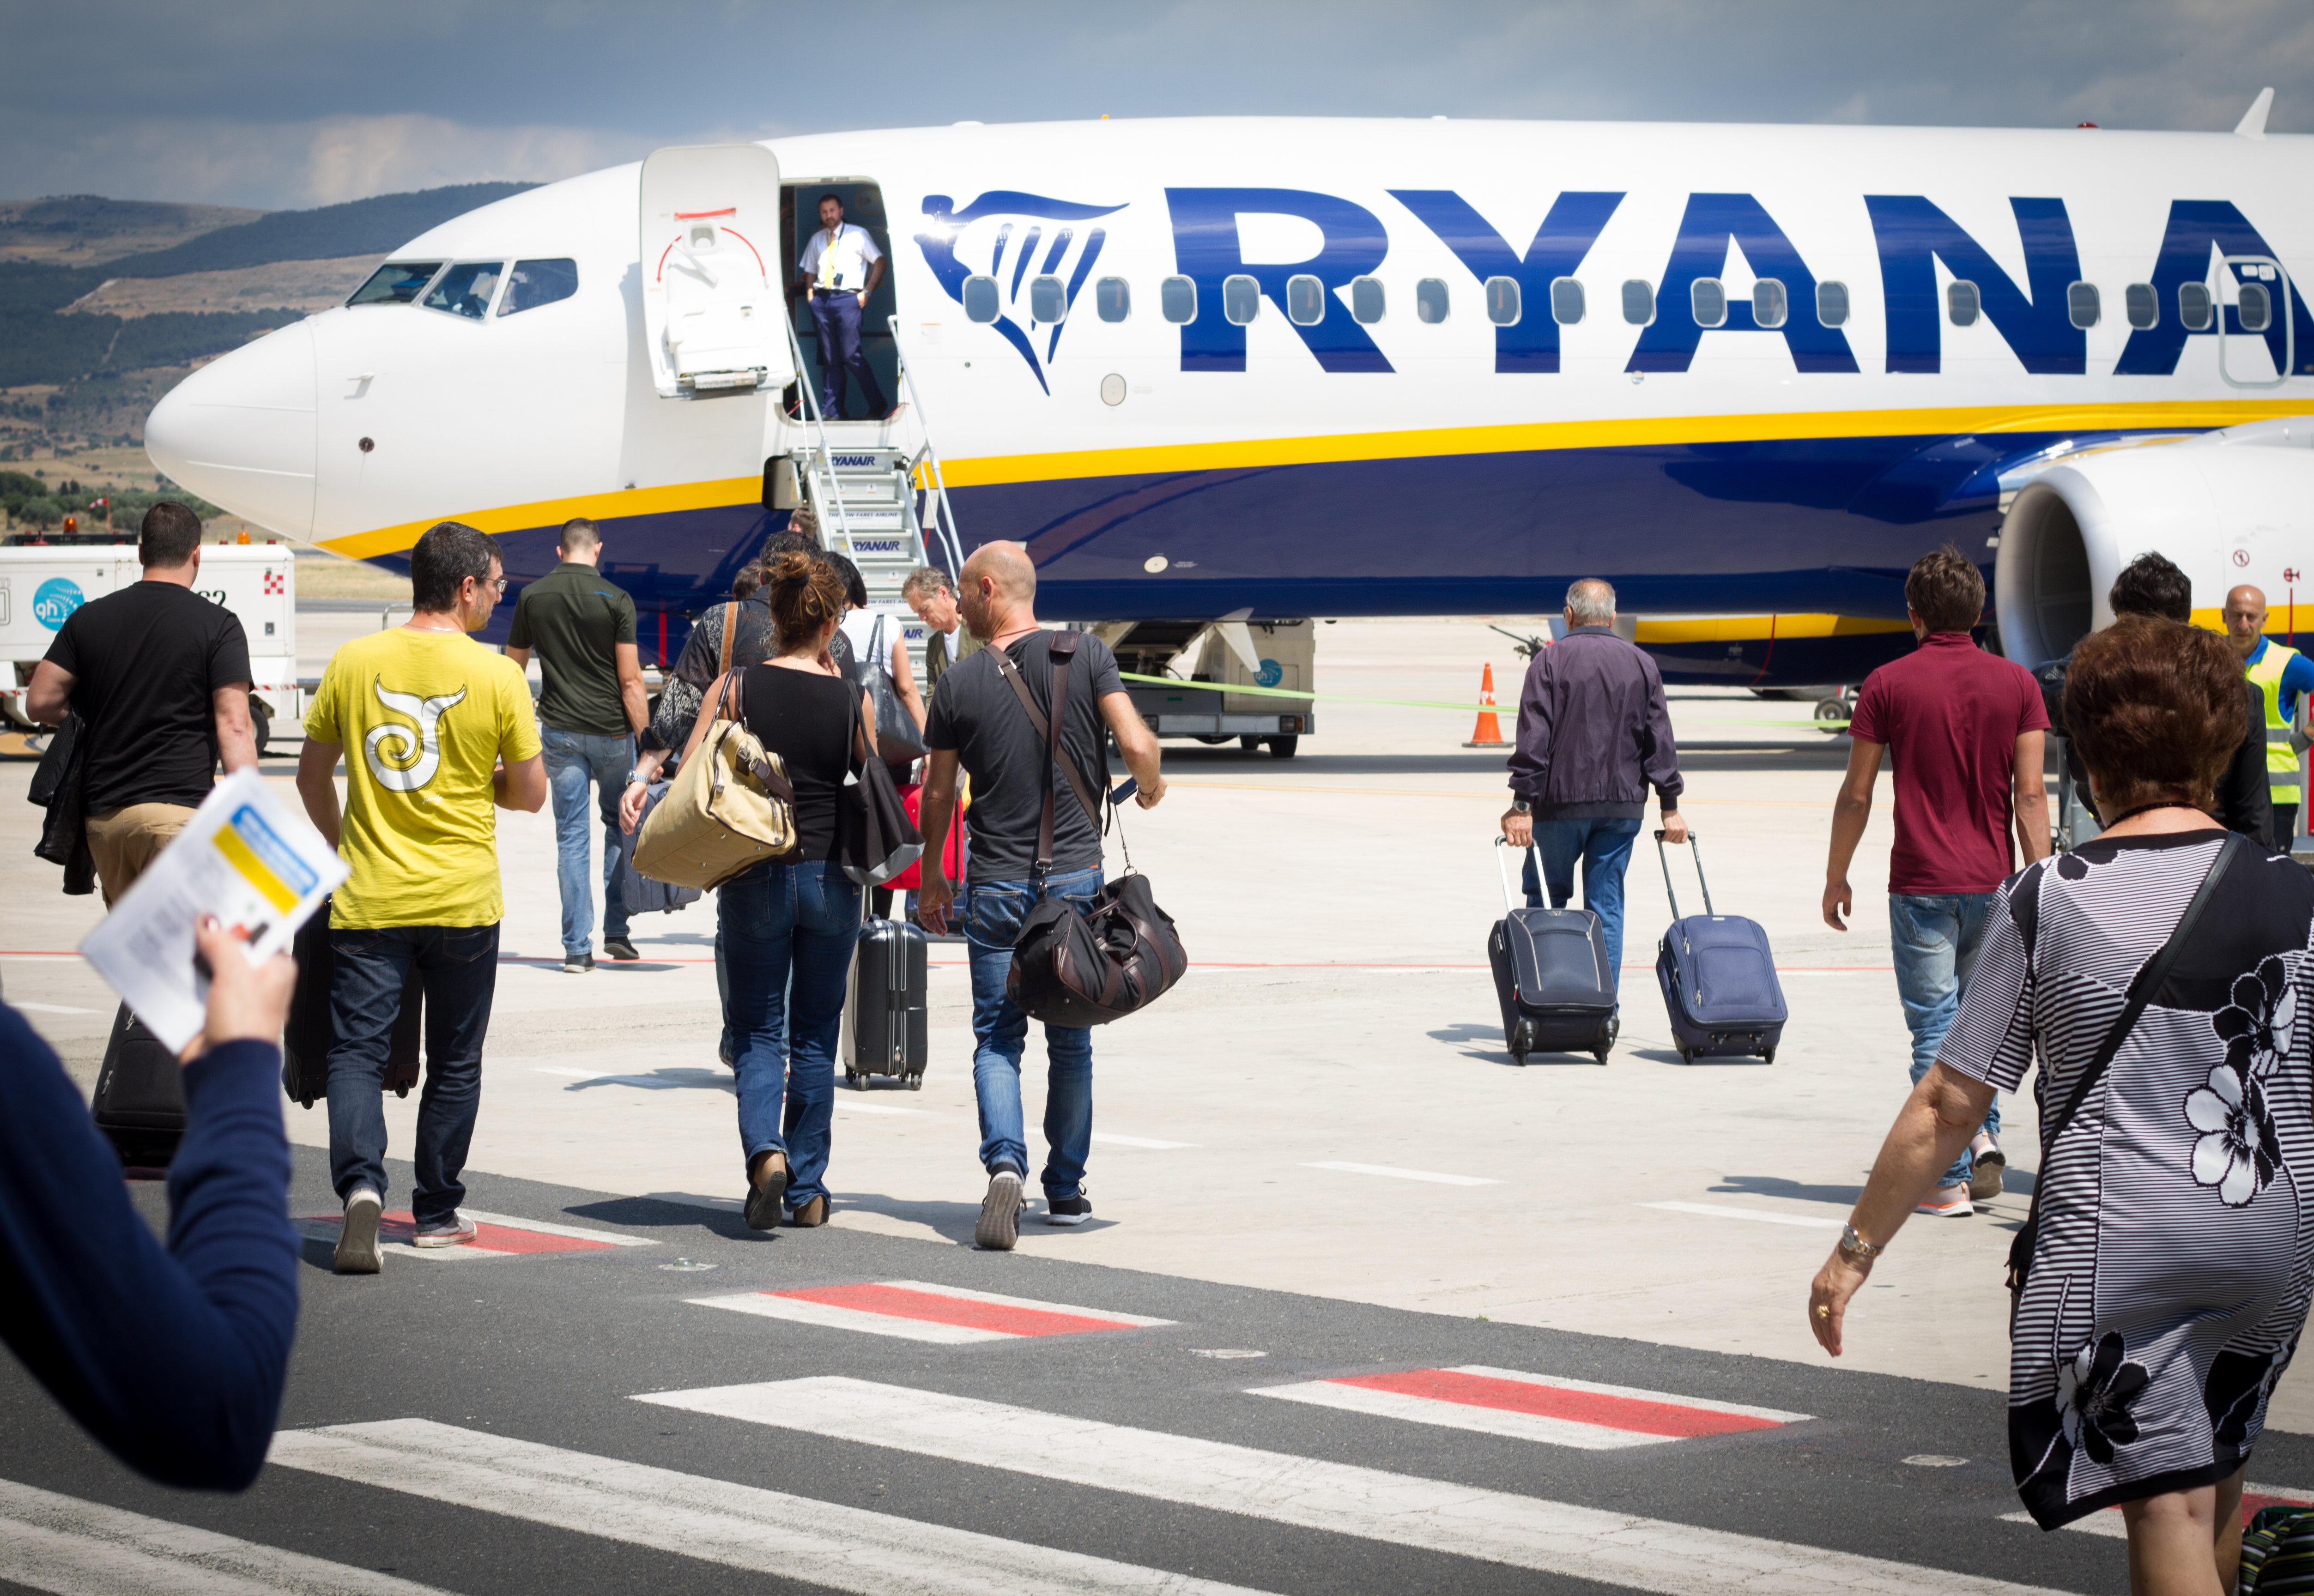 Mann verpasst Ryanair-Flug – dann kommt er auf eine schräge